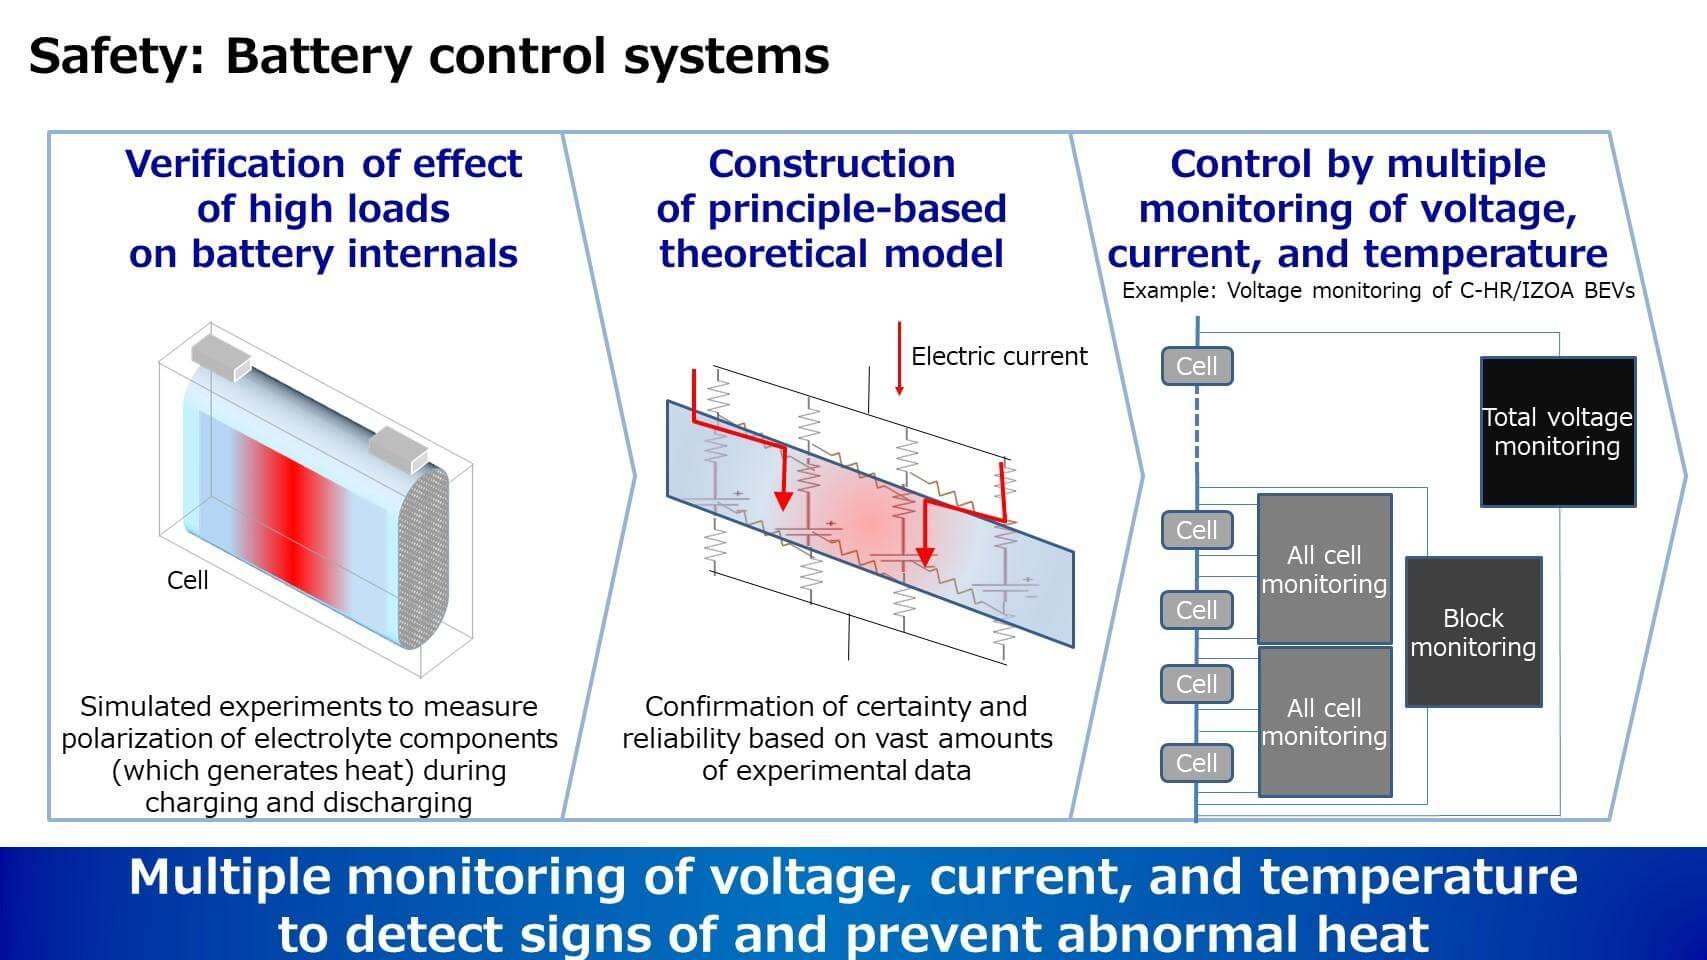 Контроль аккумулятора для предотвращения аномального тепловыделения